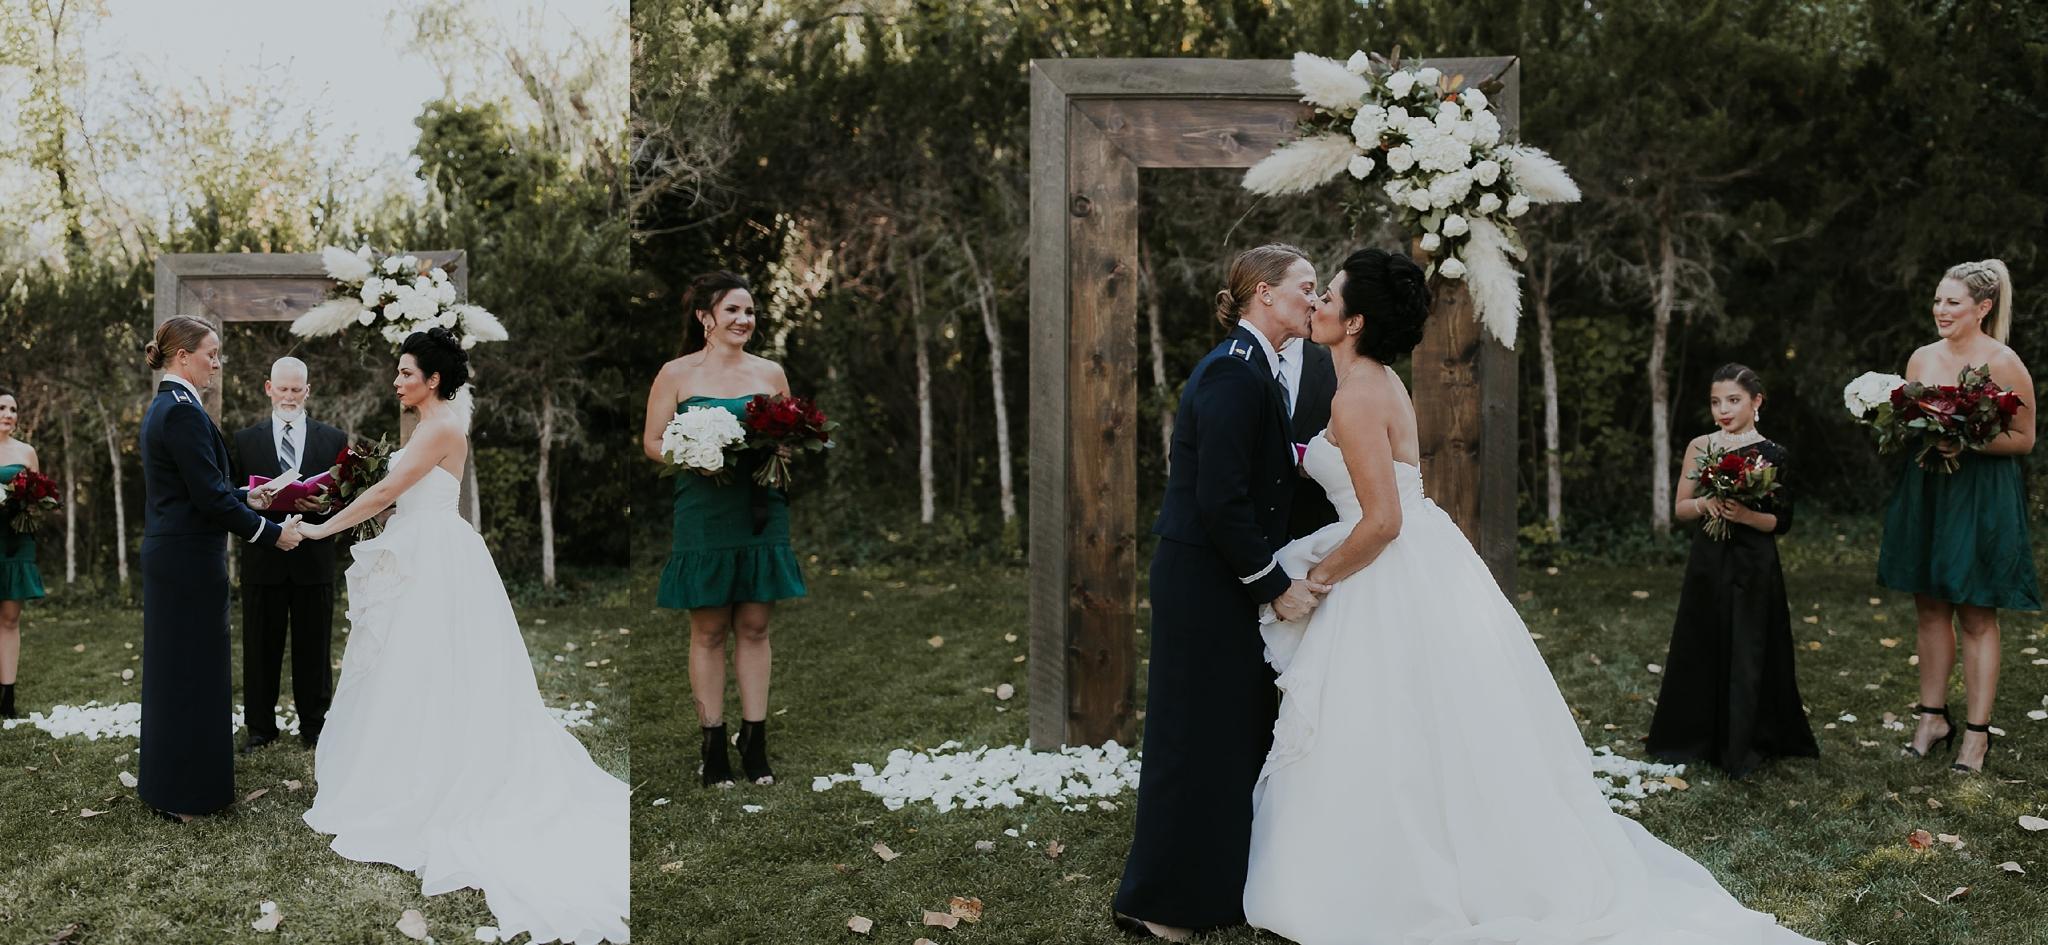 Alicia+lucia+photography+-+albuquerque+wedding+photographer+-+santa+fe+wedding+photography+-+new+mexico+wedding+photographer+-+wedding+ceremony+-+wedding+alter+-+floral+alter_0071.jpg